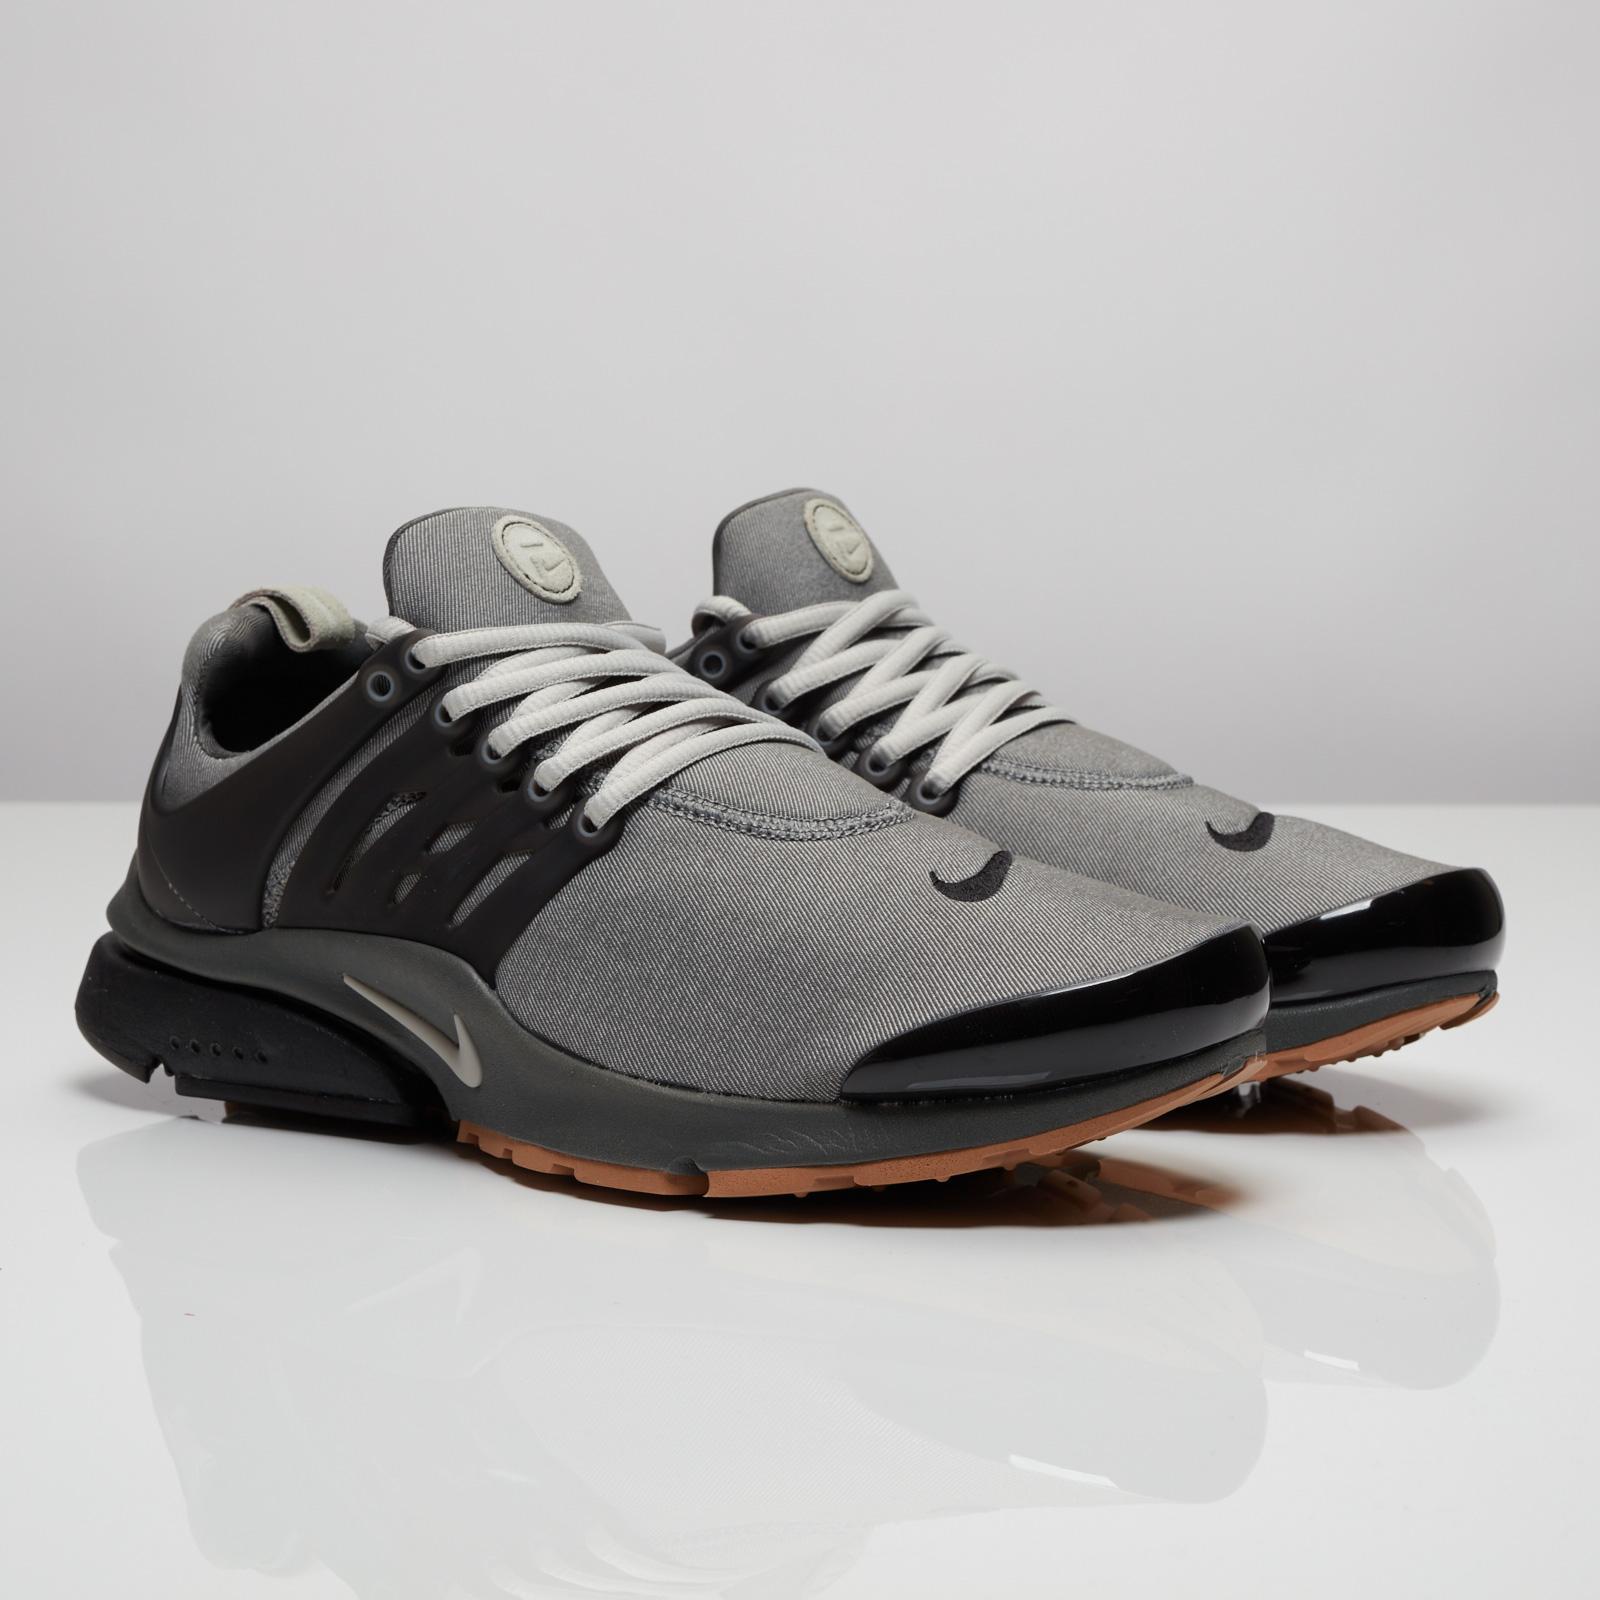 new product b9e26 3deb5 Nike Air Presto Premium